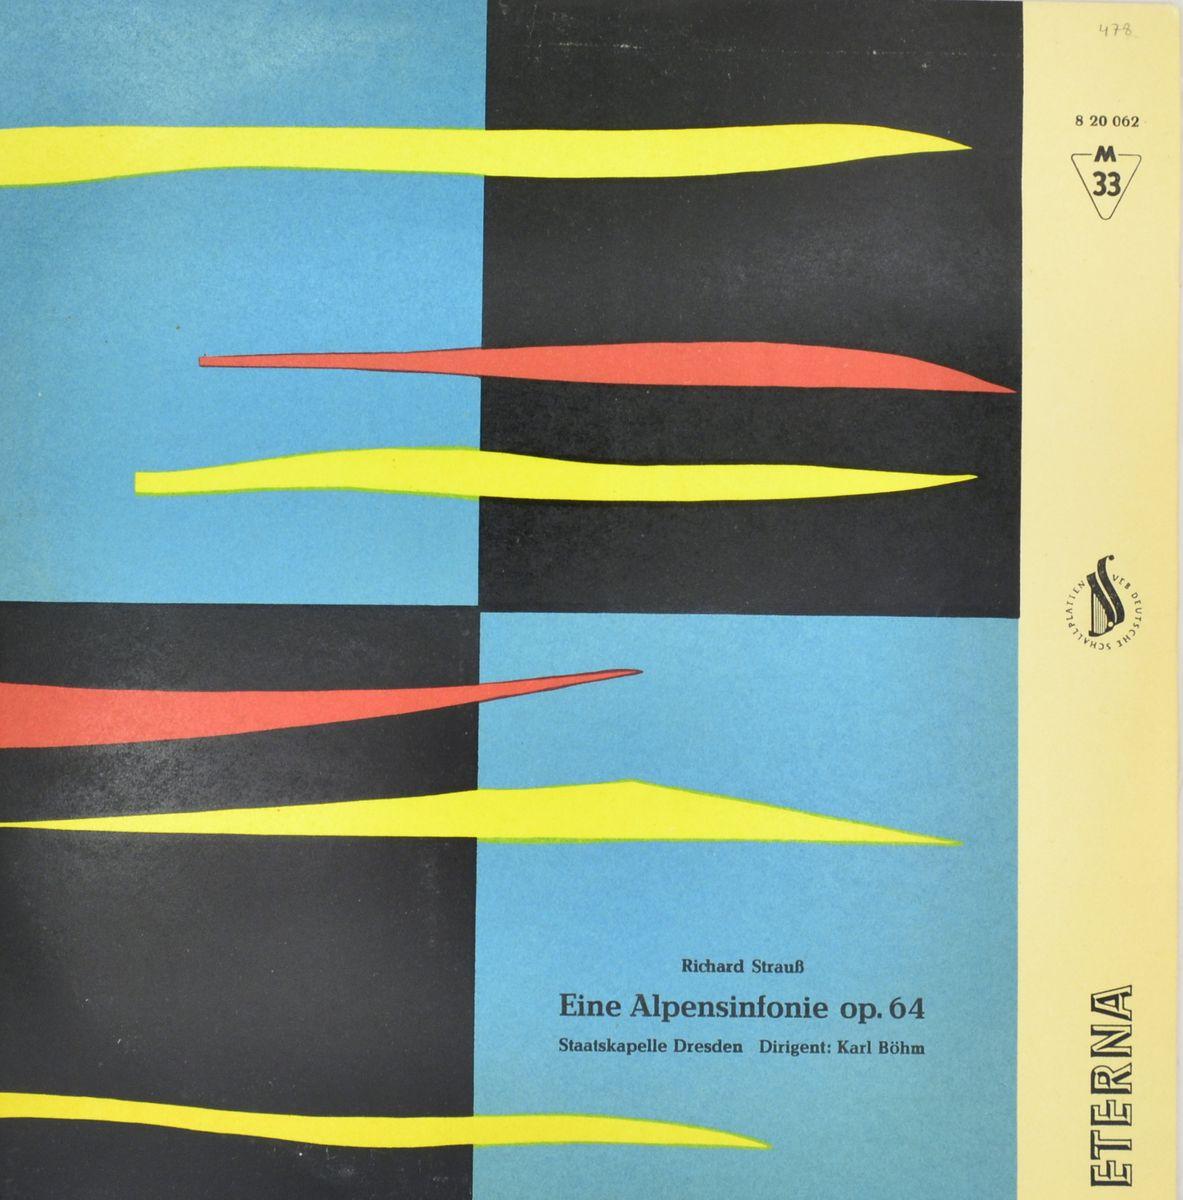 Eine Alpensinfonie Op. 64 Richard Strauss (LP) richard strauss karl bohm salome